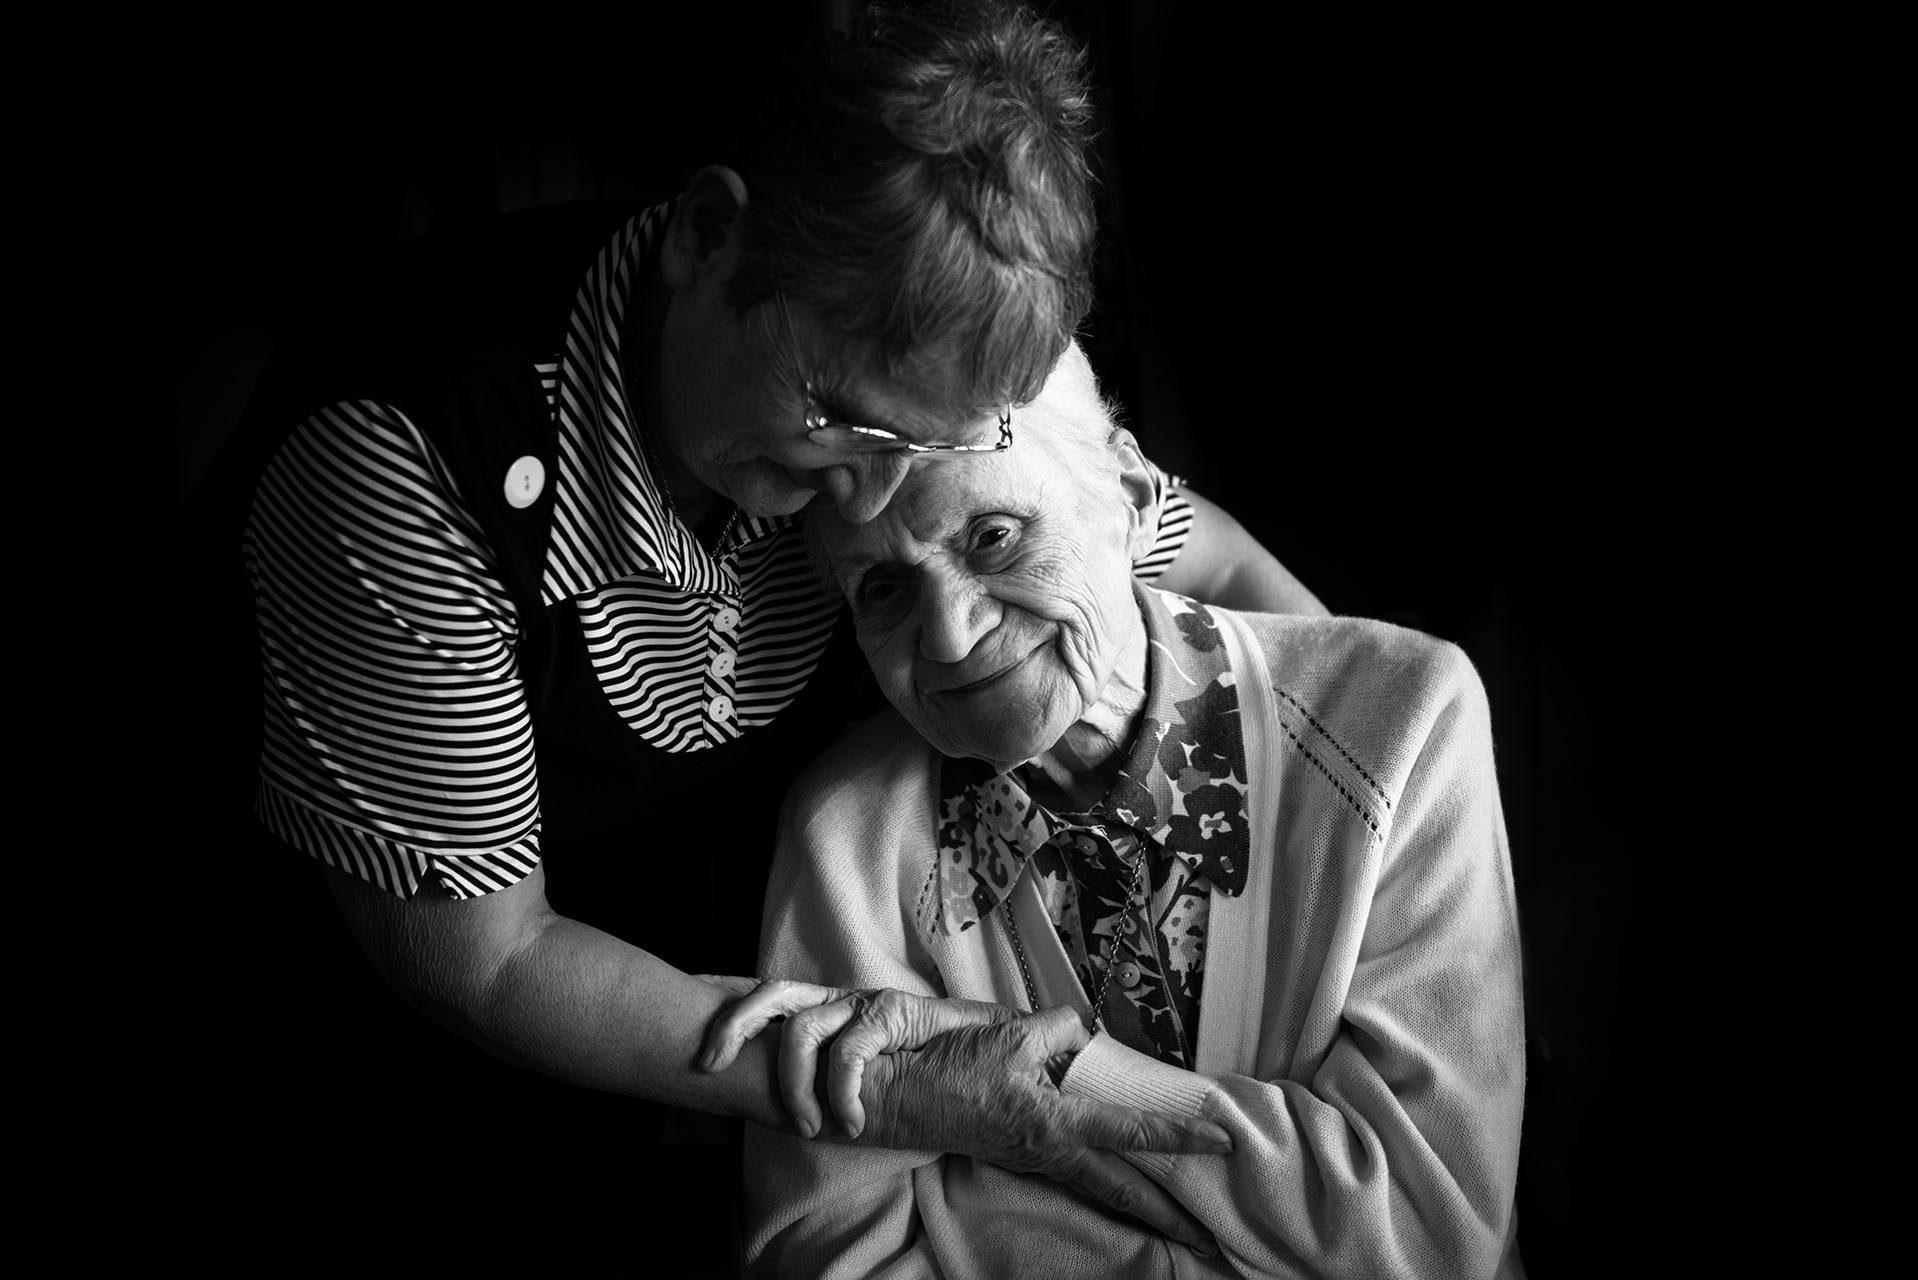 photographe-portraits-ile-de-france-projet-centenaires-l-hay-les-roses-val-de-marne-residence-jean-23